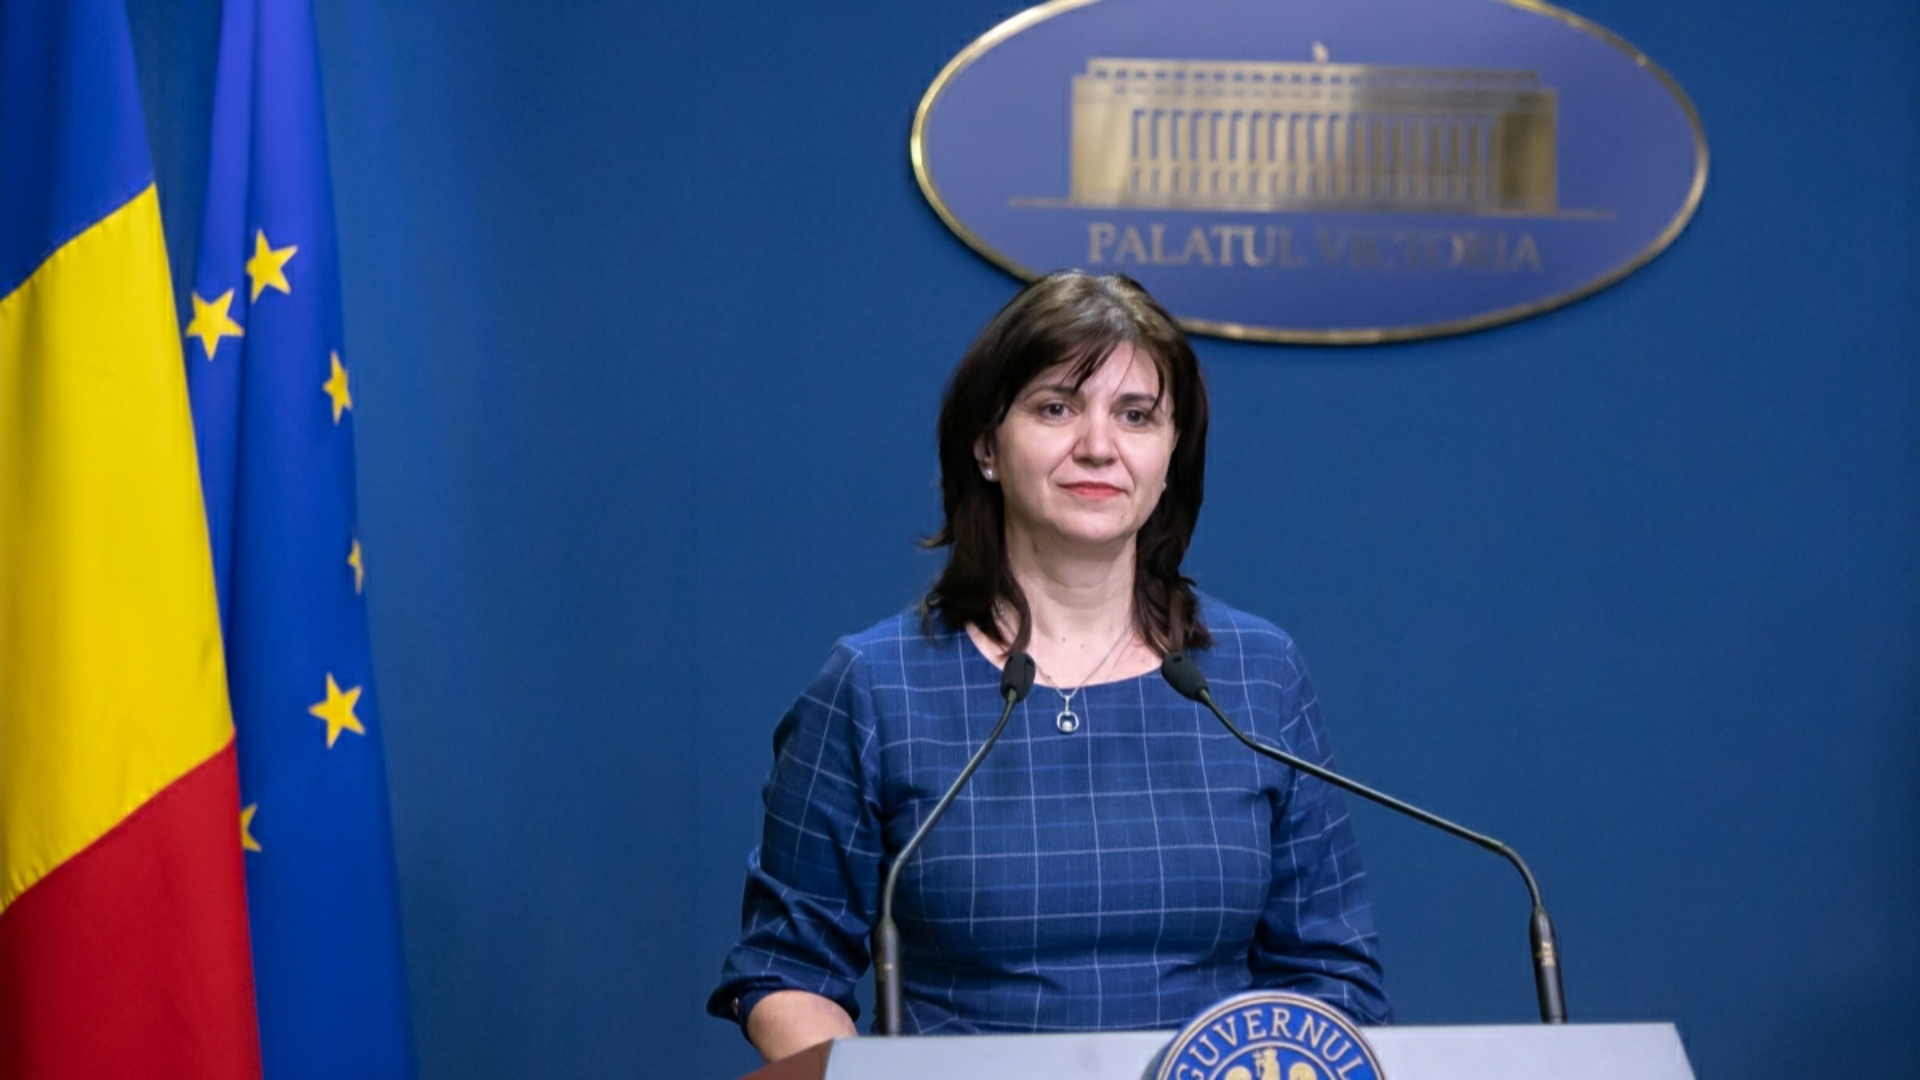 Ministrul Educației, Monica Anisie, anunț despre reînceperea școlii și examenele naționale